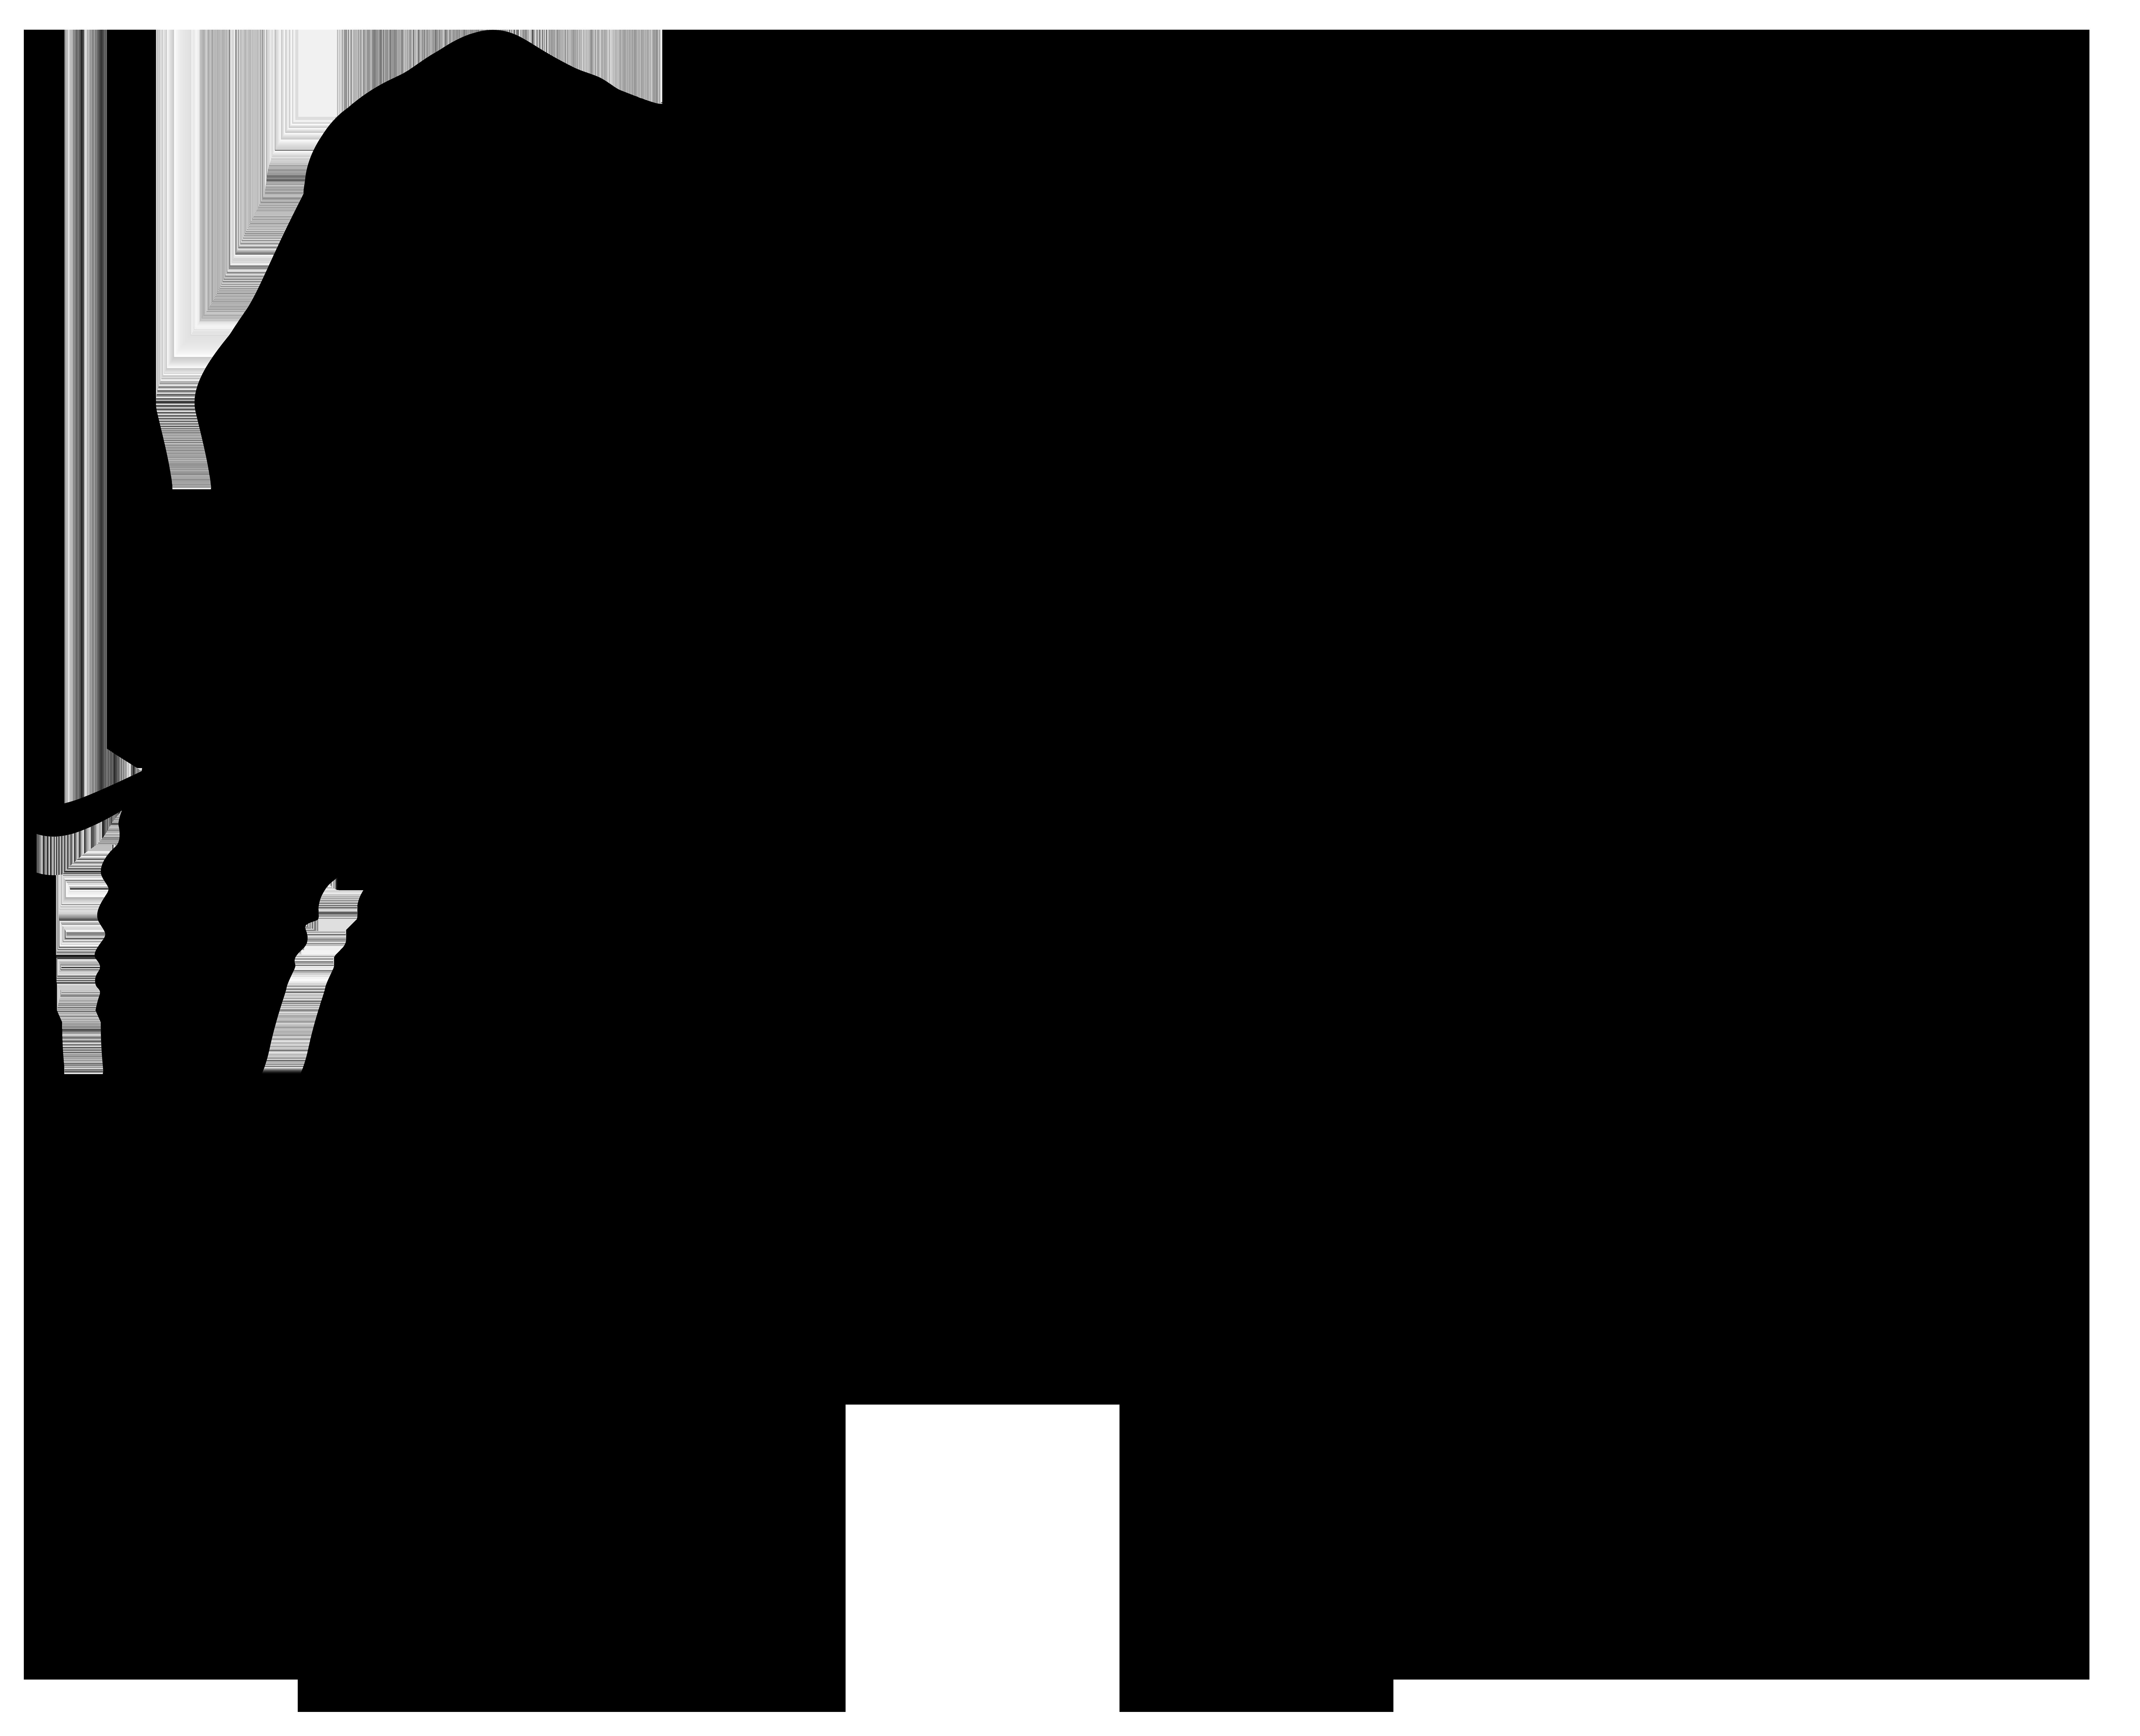 Elephant Silhouette PNG Transparent Clip Art Image.